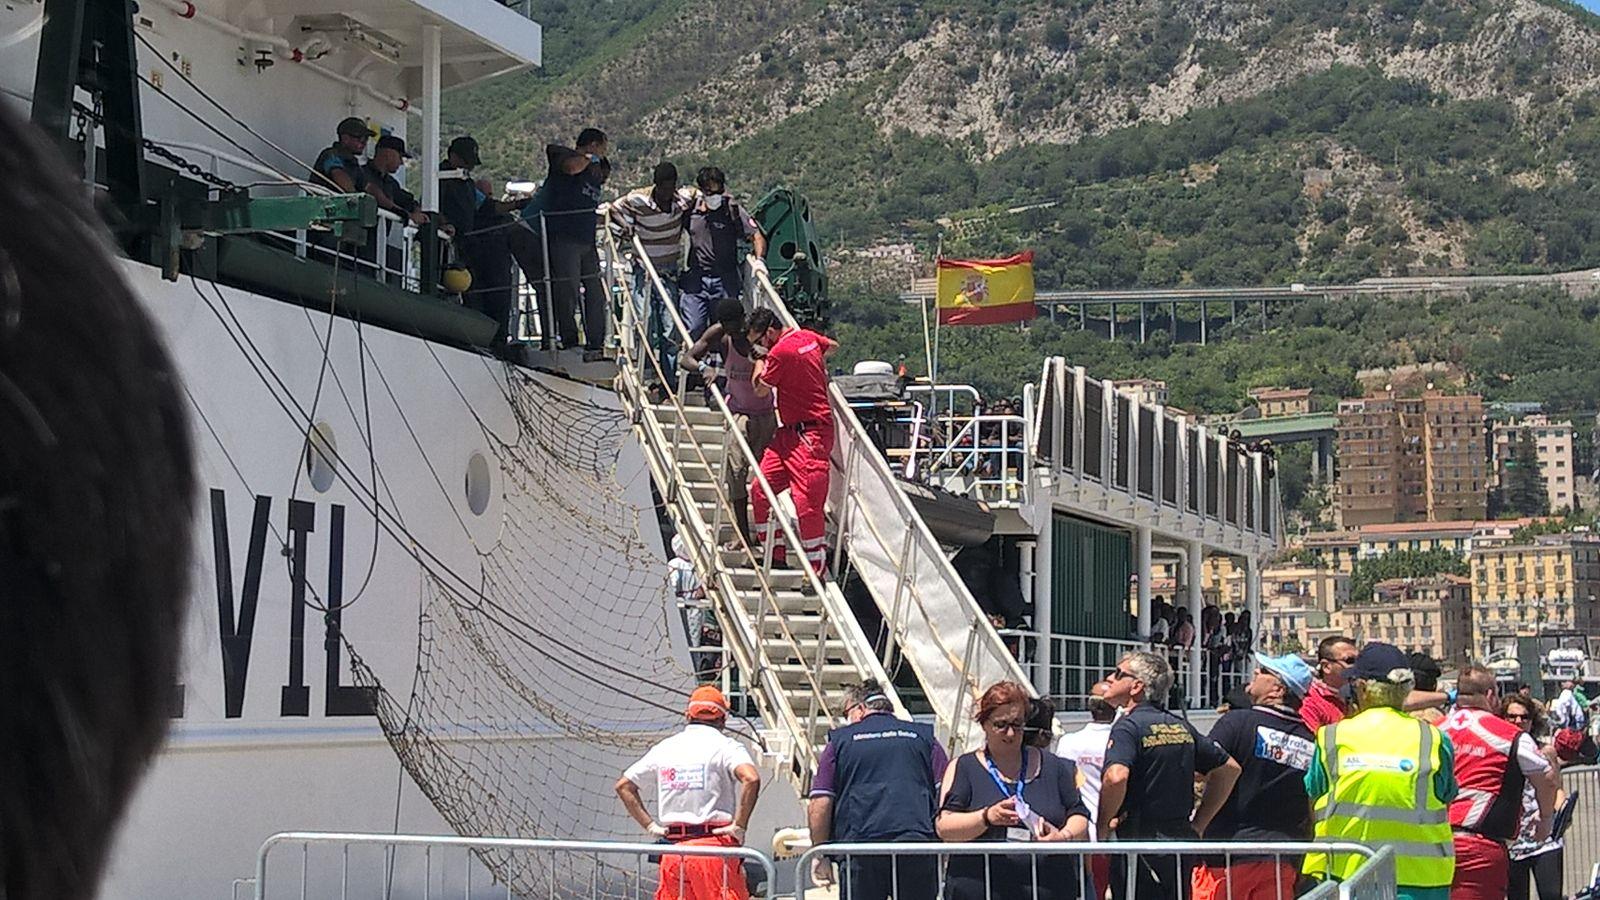 ore 13.15 - Il primo a sbarcare è un migrante africano su sedia a rotelle per fratture agli arti. Sarà portato in ospedale.